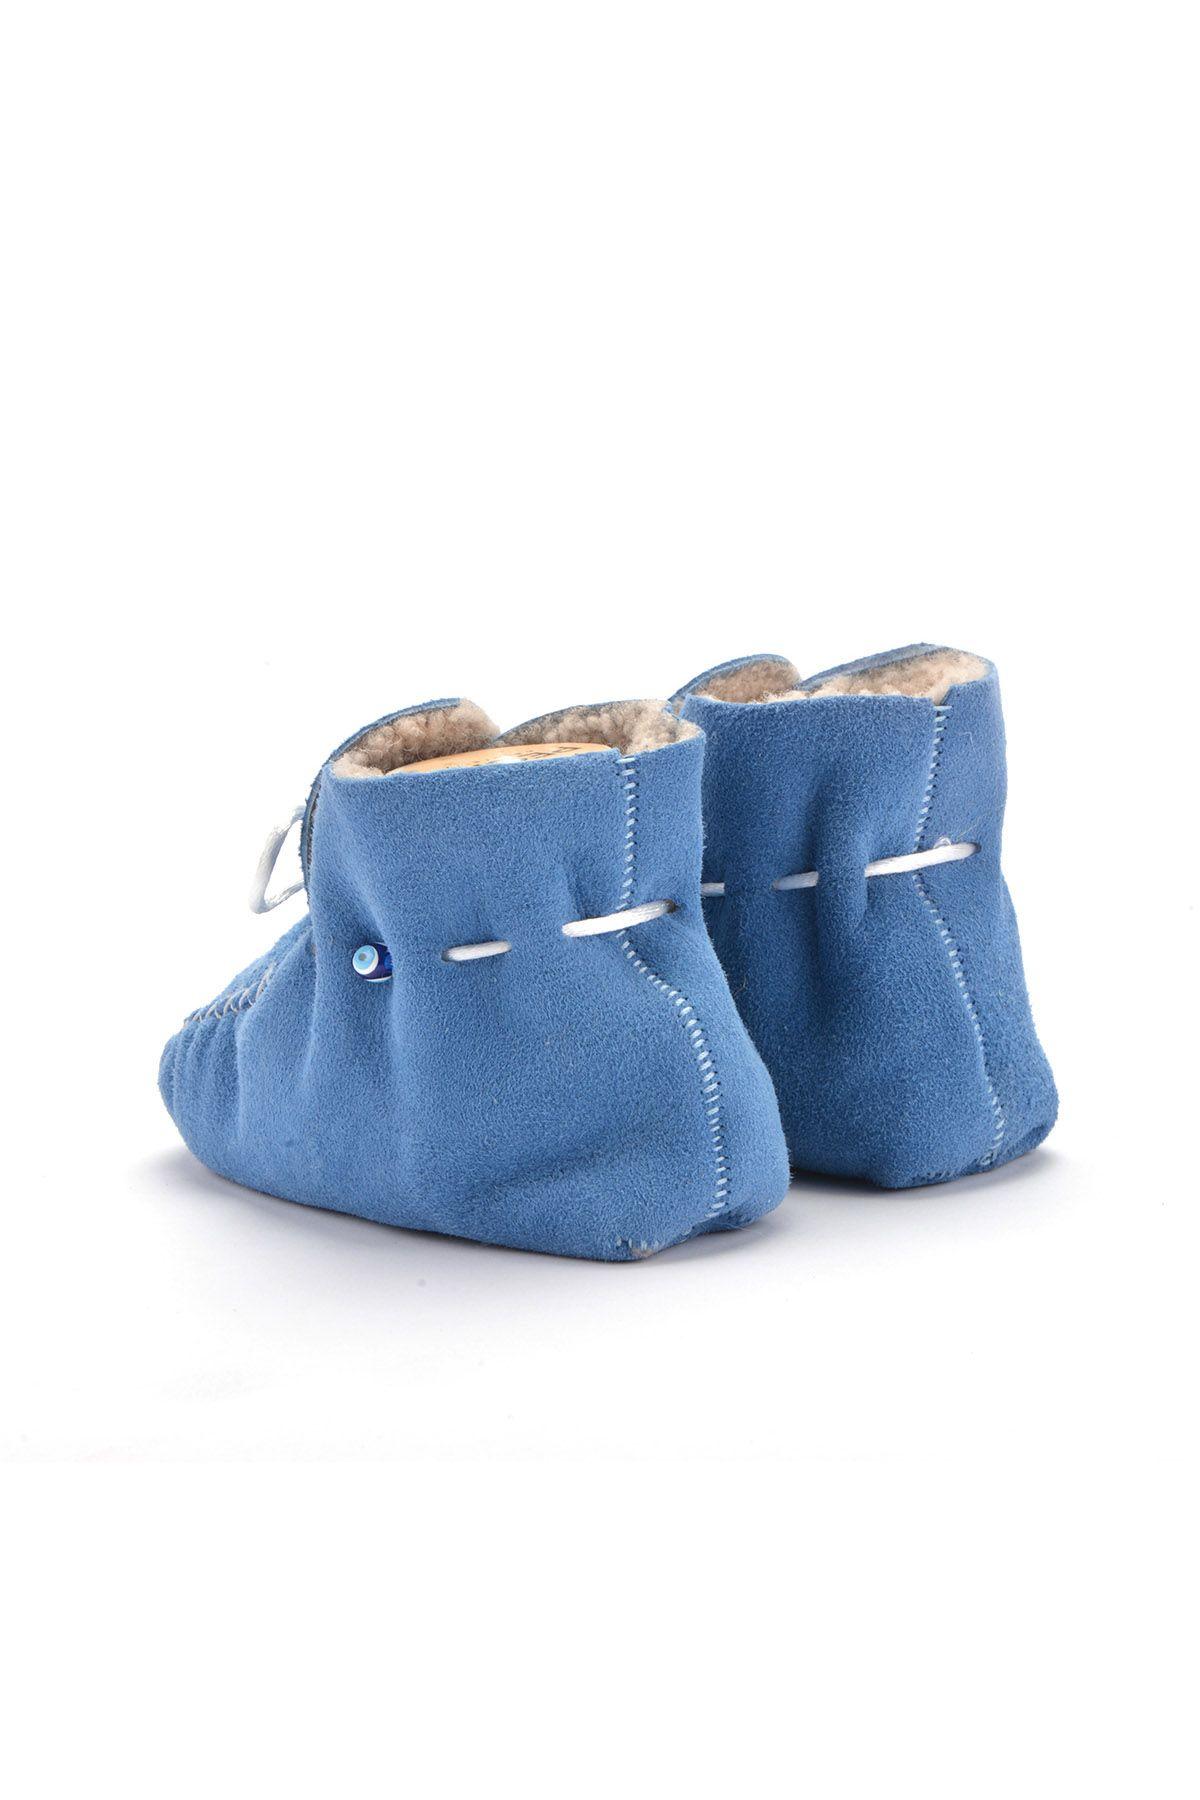 Pegia Hakiki Kürklü Bağcıklı Bebek Patiği 141003 Mavi